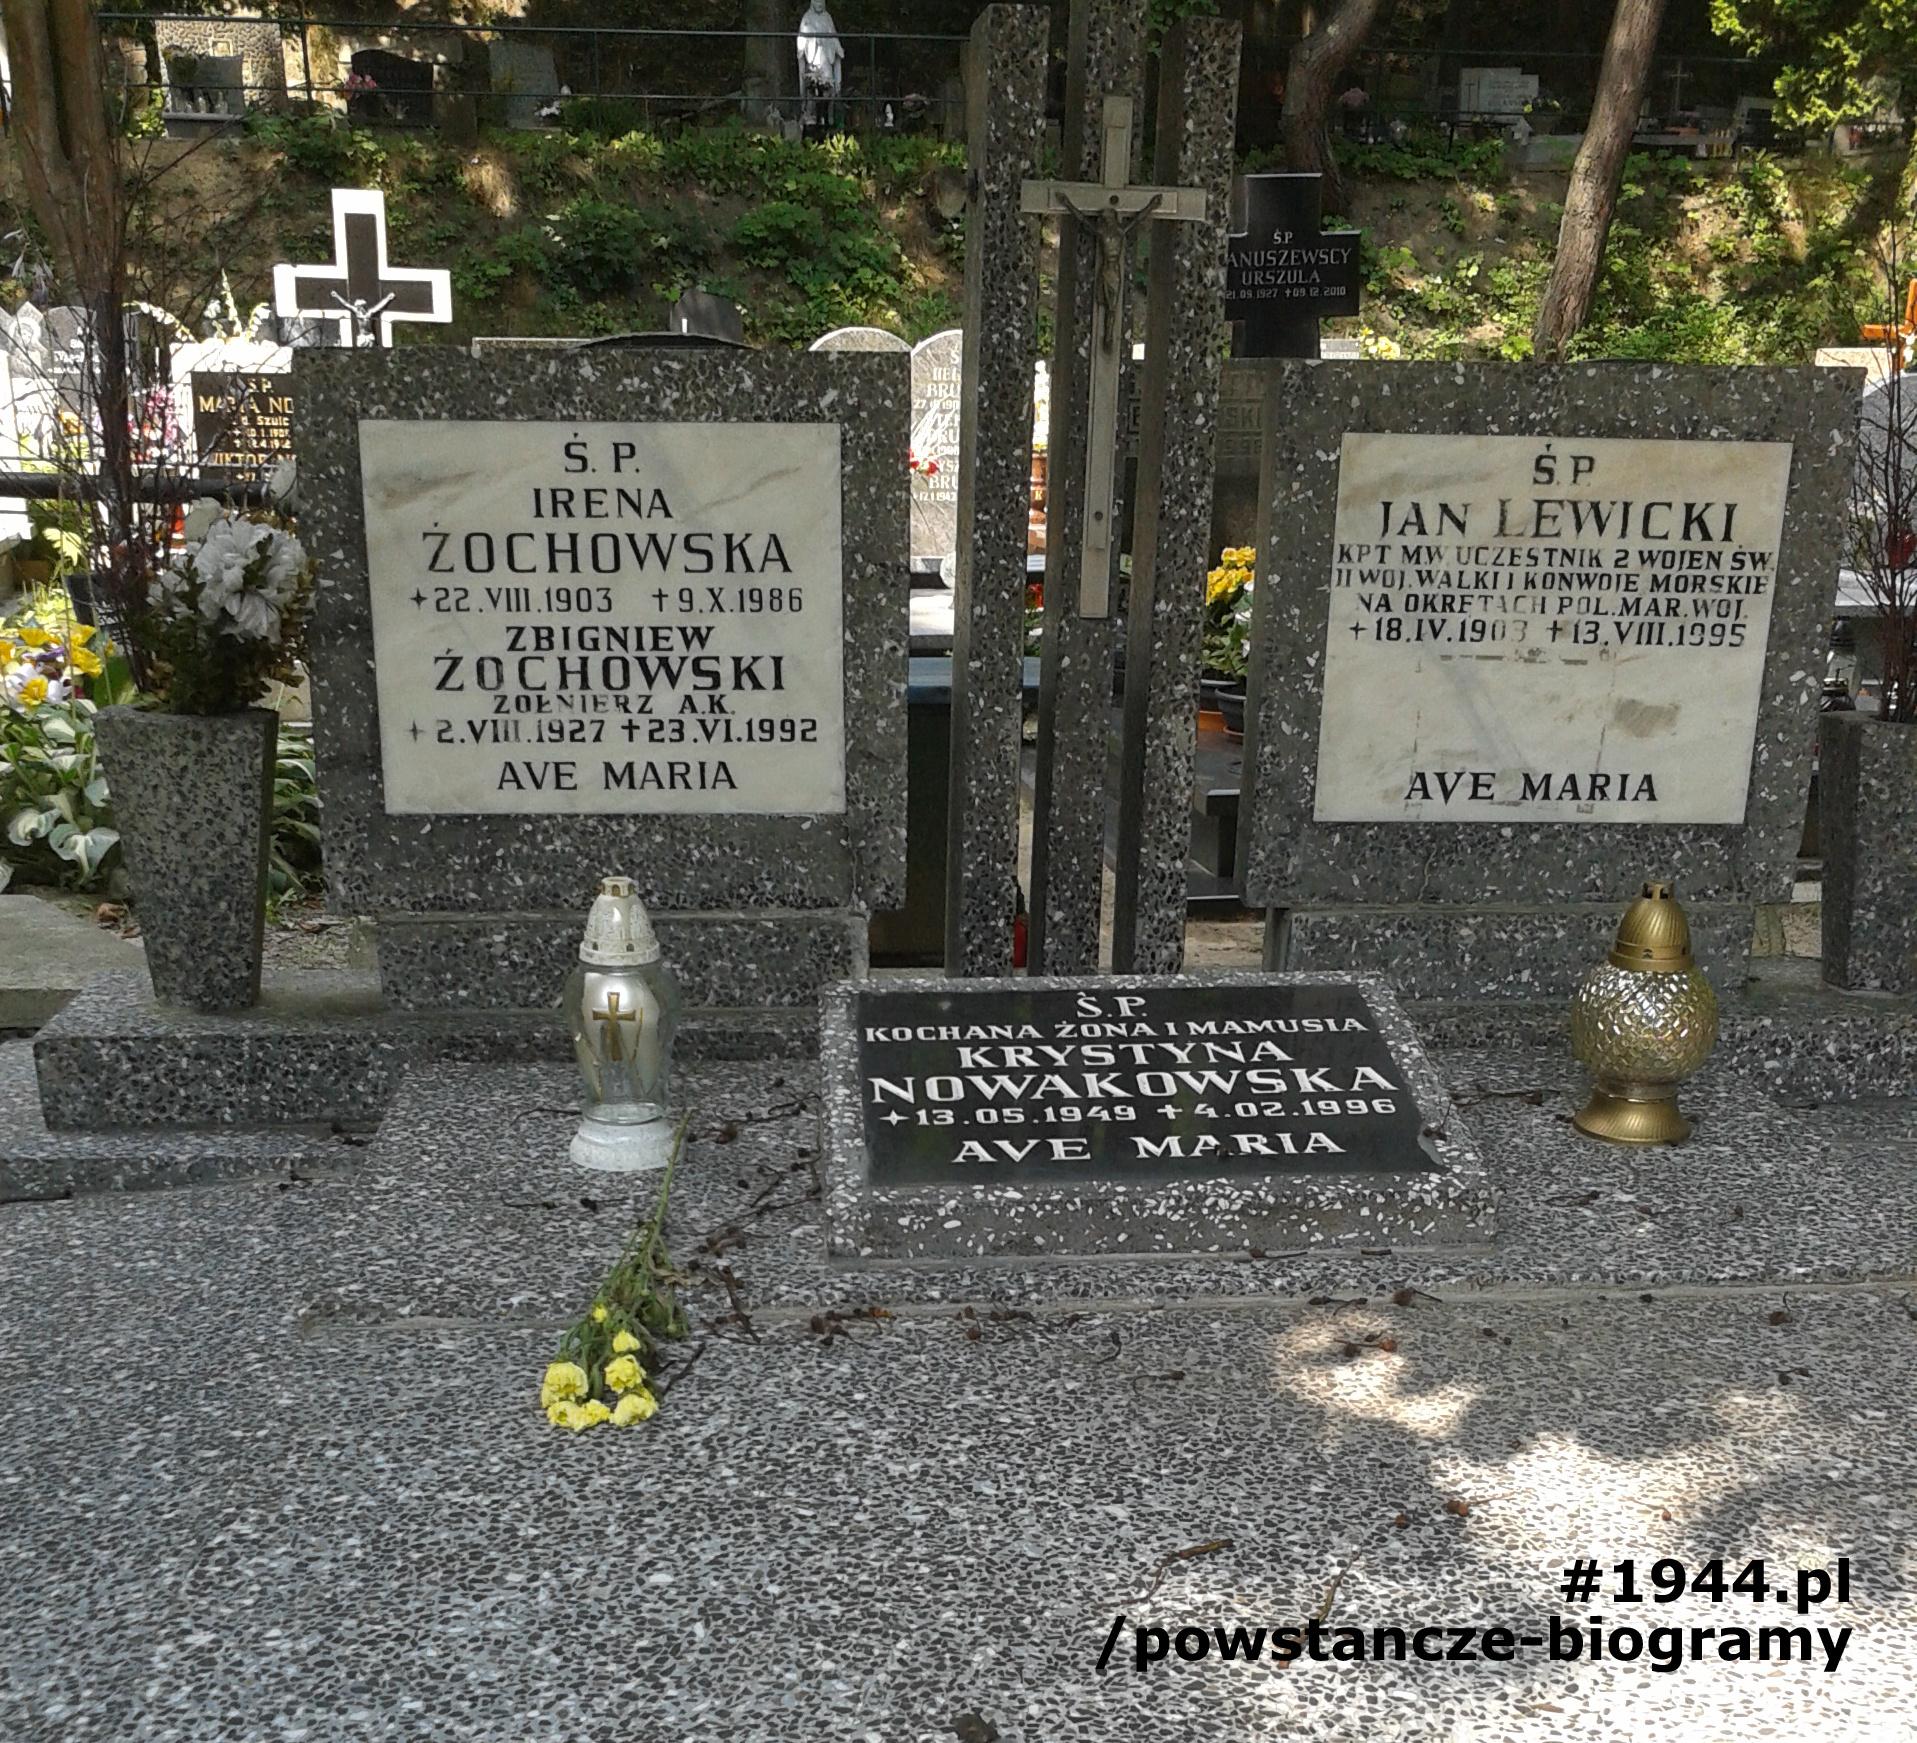 Grób Zbigniewa Żochowskiego na Witomińskim Cmentarzu Komunalnym w Gdyni. Fot. Ewa i Mariusz Skrońscy